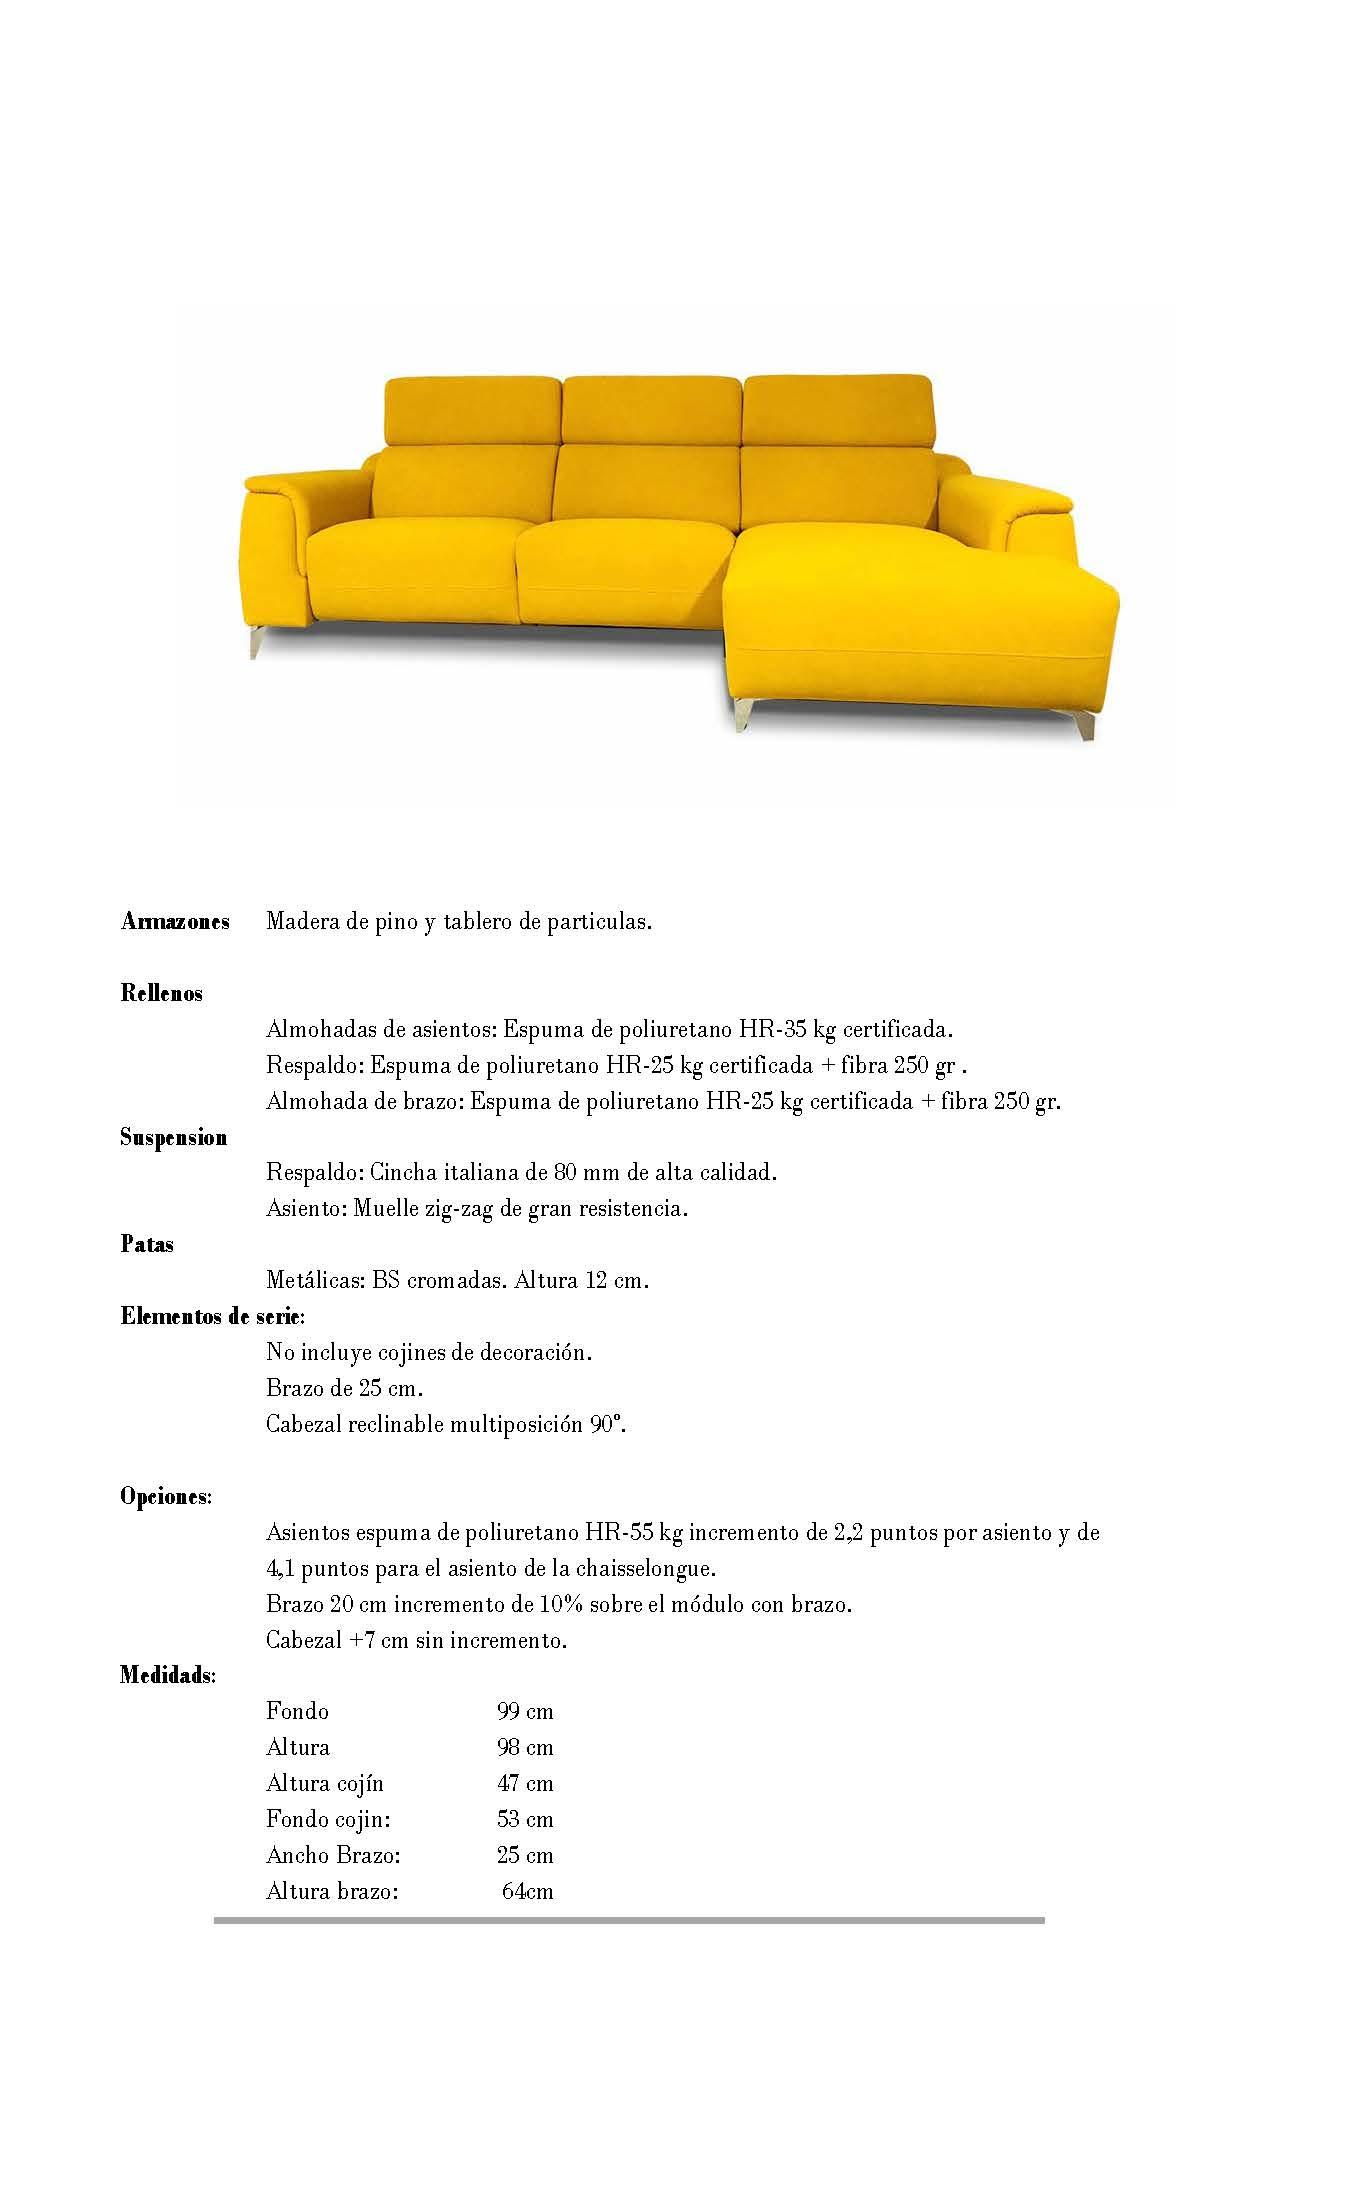 Ficha técnica de sofá 10b-0024-10d-0023